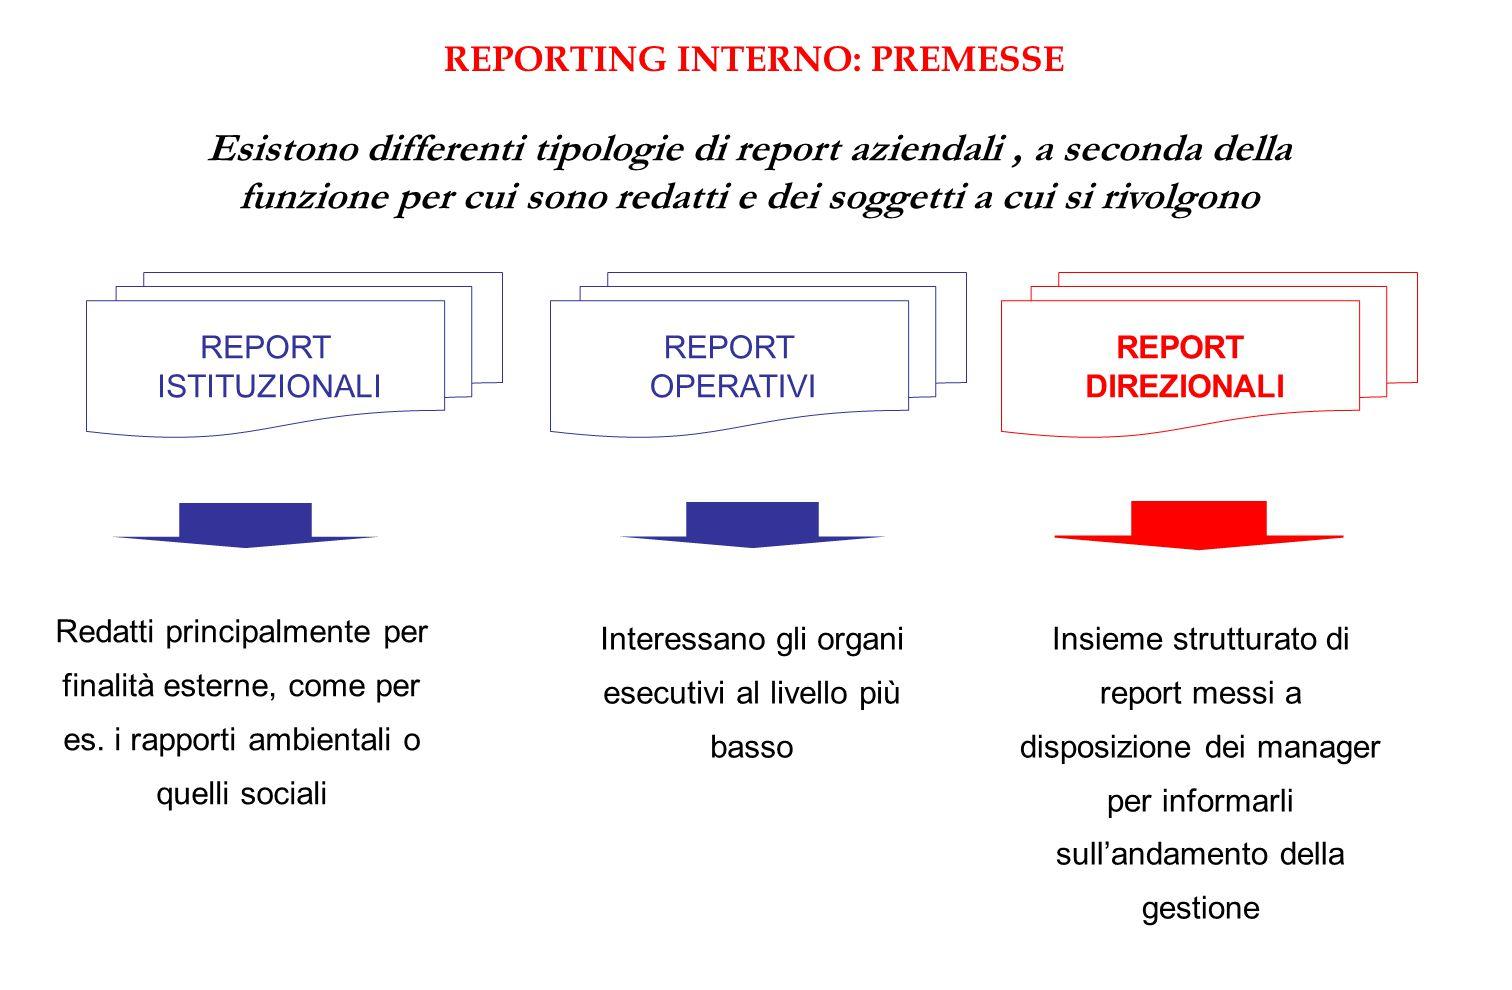 Esistono differenti tipologie di report aziendali, a seconda della funzione per cui sono redatti e dei soggetti a cui si rivolgono REPORT ISTITUZIONAL